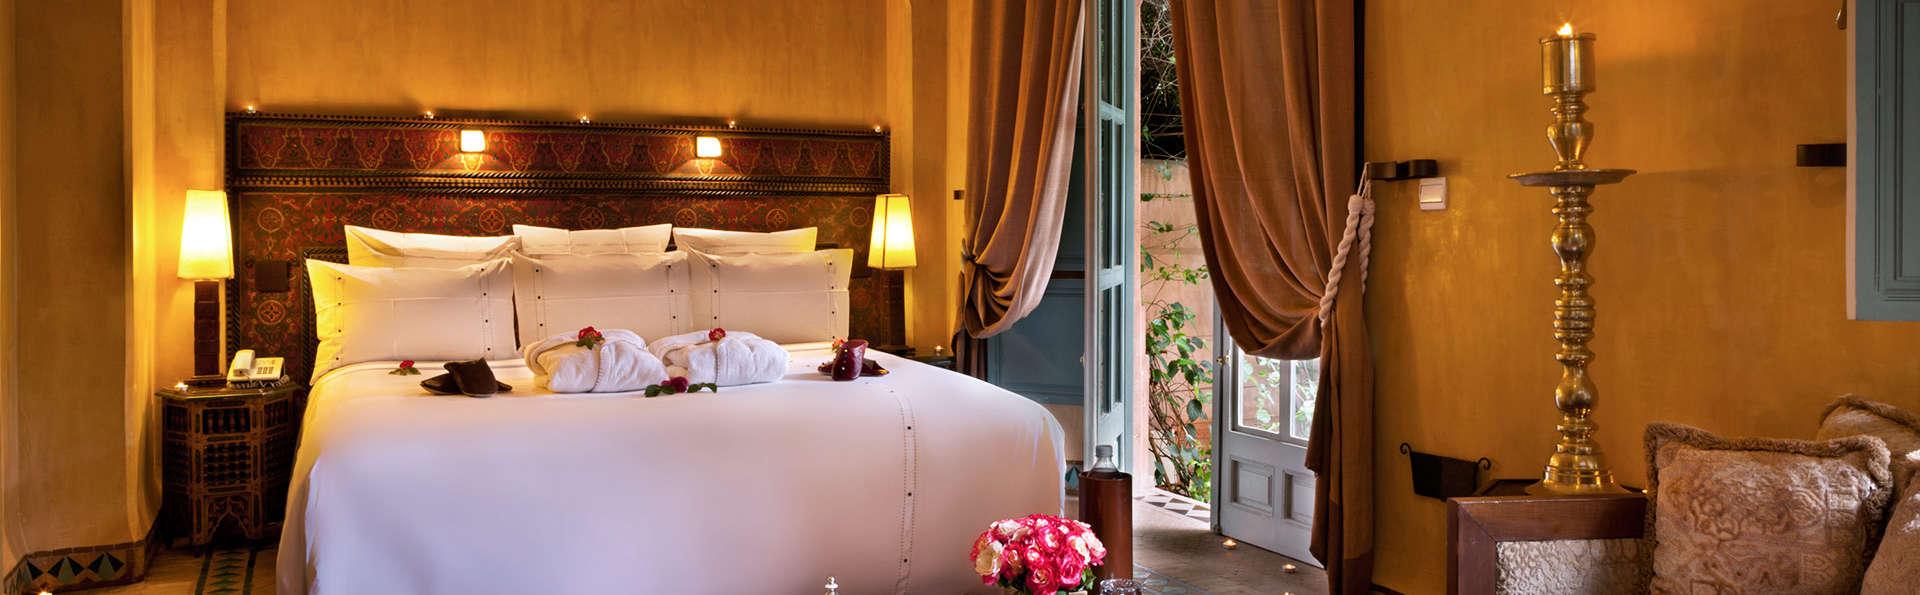 Descubre el encanto de Marruecos en Marrakech